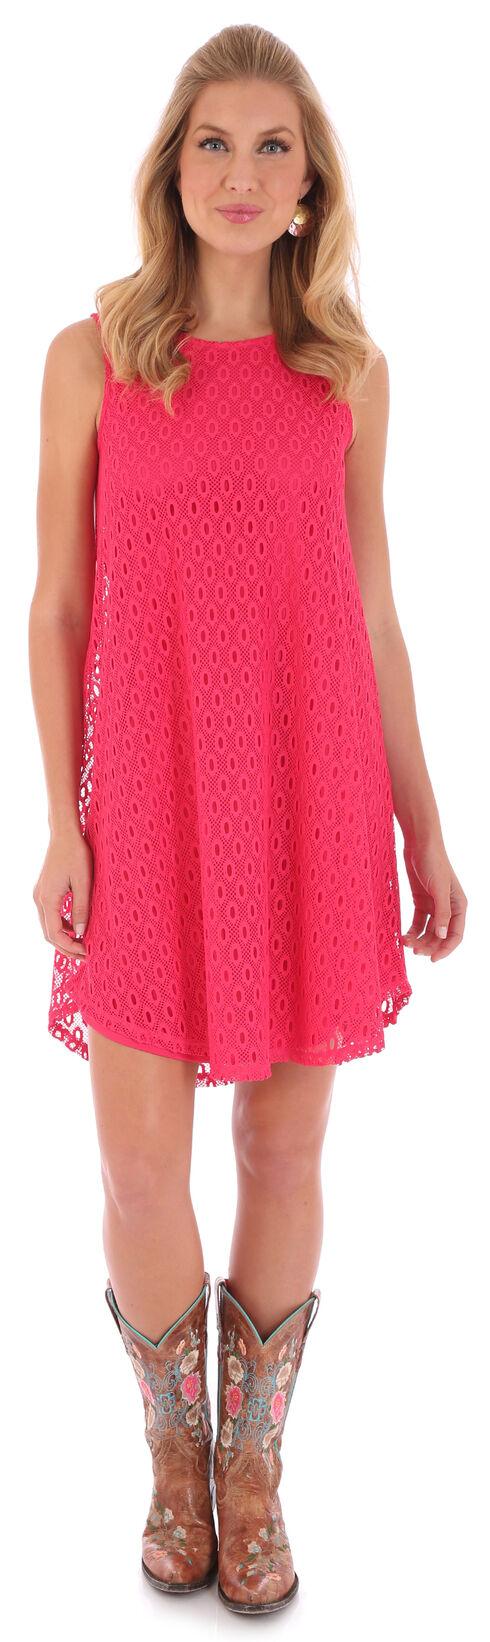 Wrangler Rock 47 Women's Pink Sleeveless Swing Dress , Pink, hi-res